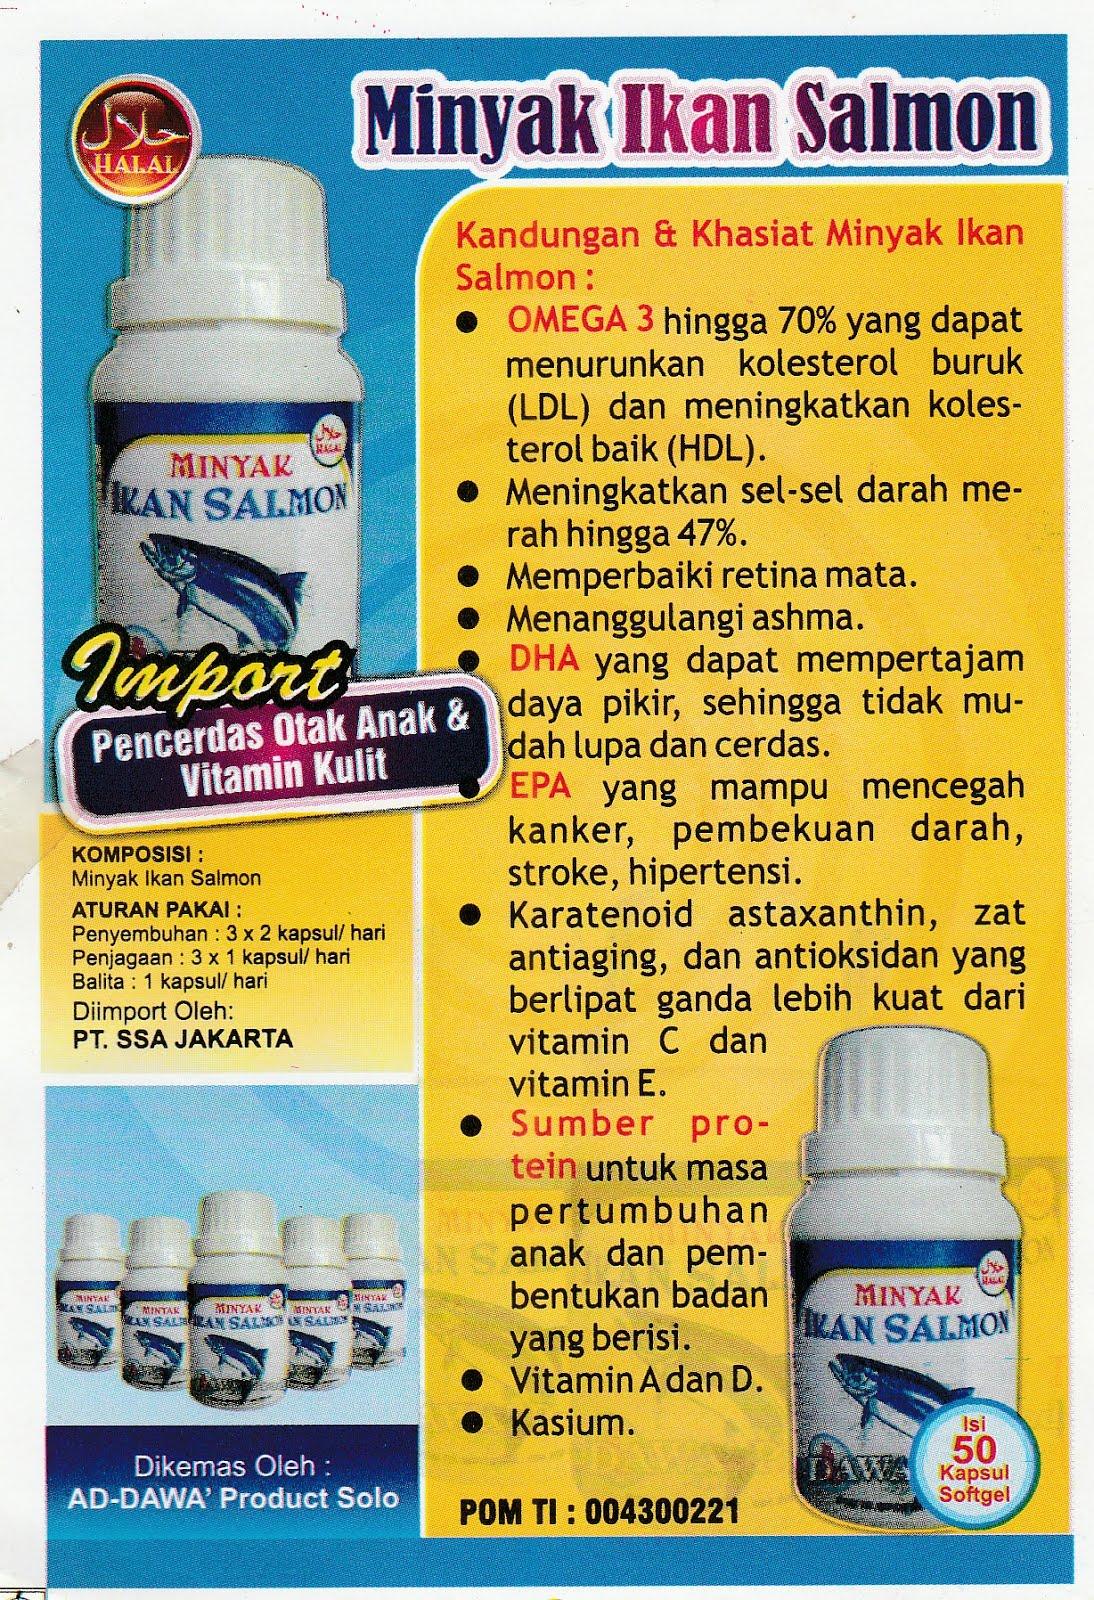 Harga Jual Minyak Ikan Omega 3 Hati Hiu Asli Original Kapsul Alat Terapi Dan Herbal Daftar